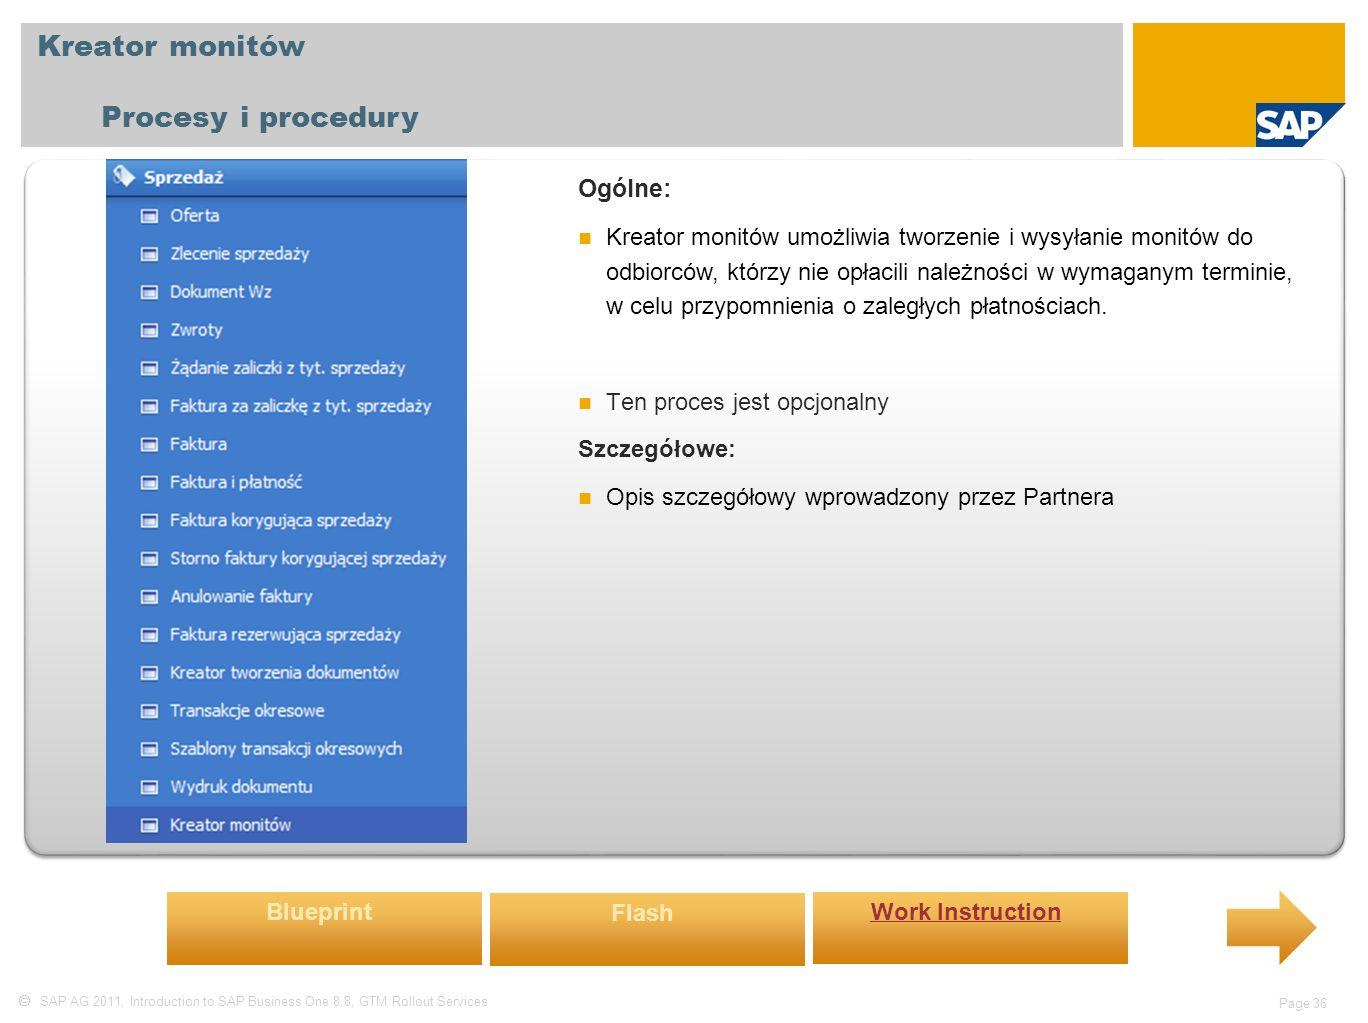  SAP AG 2011, Introduction to SAP Business One 8.8, GTM Rollout Services Page 36 Kreator monitów Procesy i procedury Ogólne: Kreator monitów umożliwia tworzenie i wysyłanie monitów do odbiorców, którzy nie opłacili należności w wymaganym terminie, w celu przypomnienia o zaległych płatnościach.